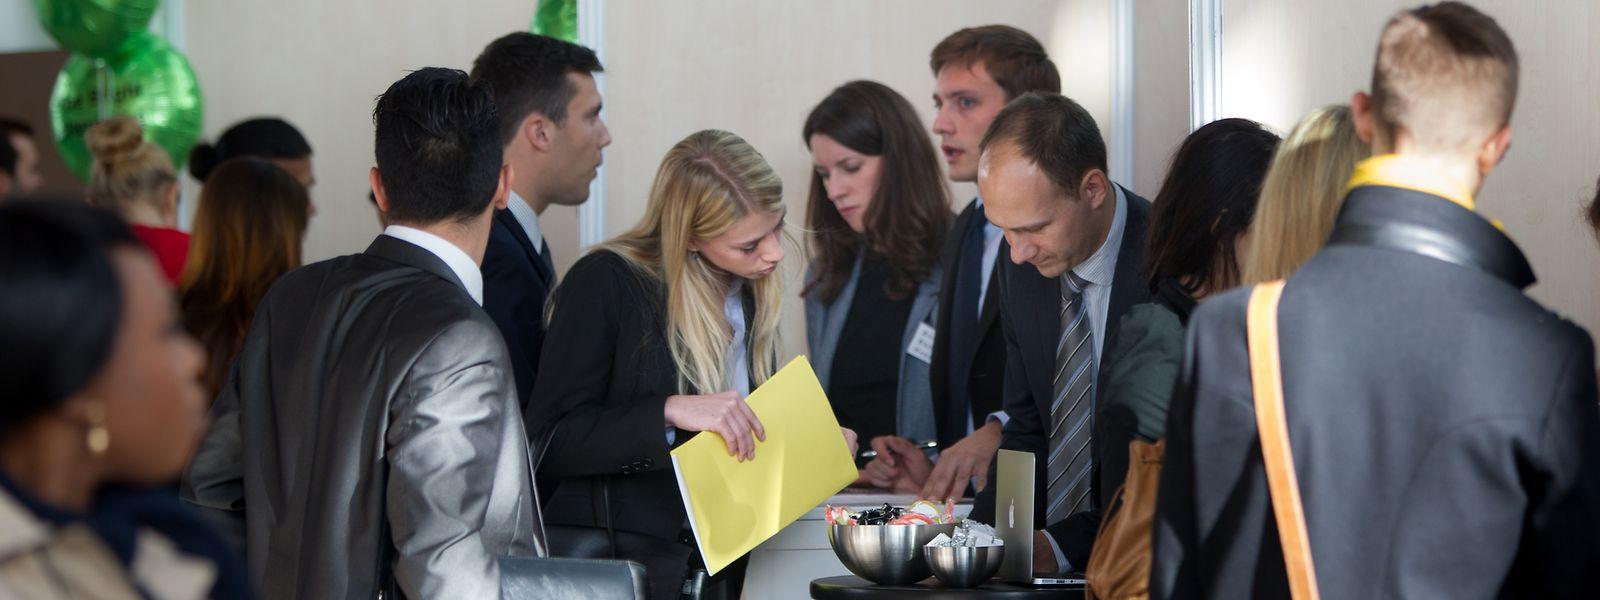 Pour les acteurs luxembourgeois, les capacités d'adaptation constituent l'une des qualités les plus recherchées au sein de leurs salariés.